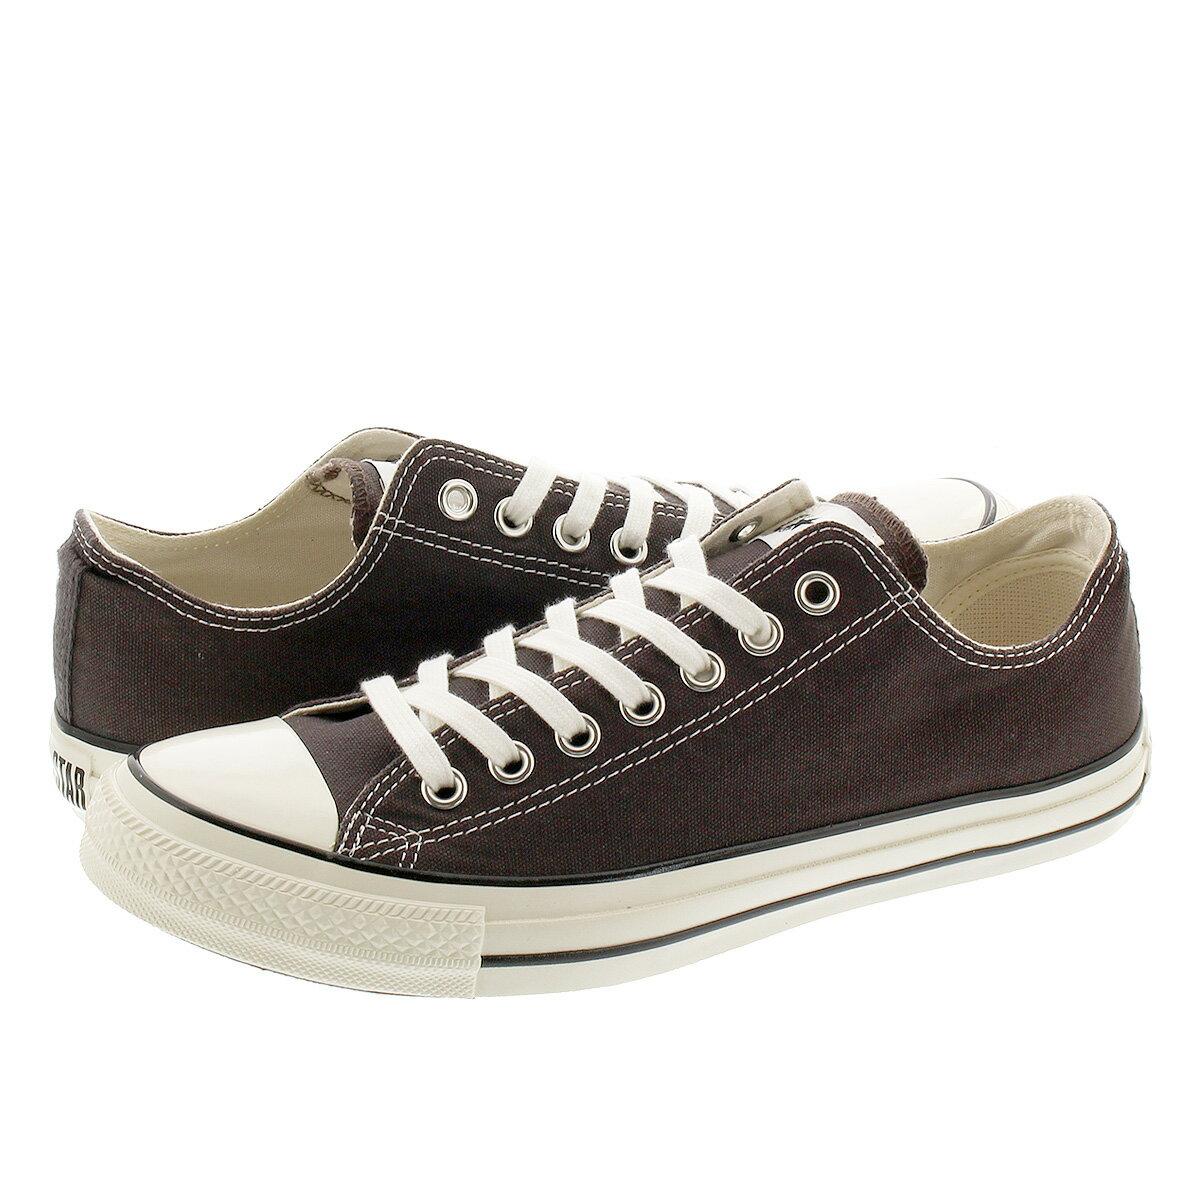 レディース靴, スニーカー CONVERSE ALL STAR US COLORS OX US OX EBONY BLACK 31302091